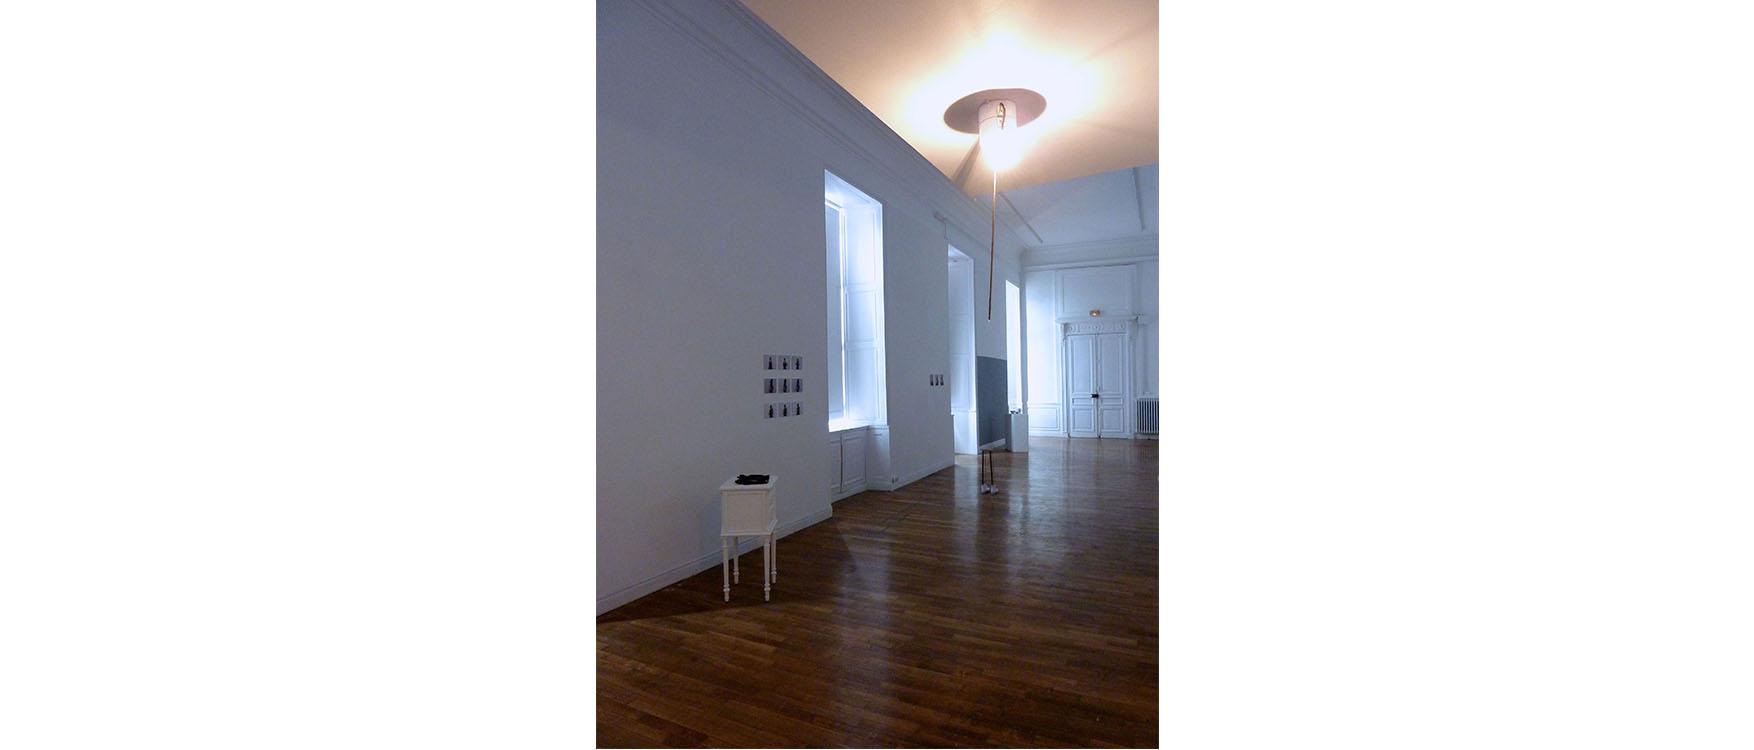 ClarisseDubus-Light1+2-1-3000x1500.jpg